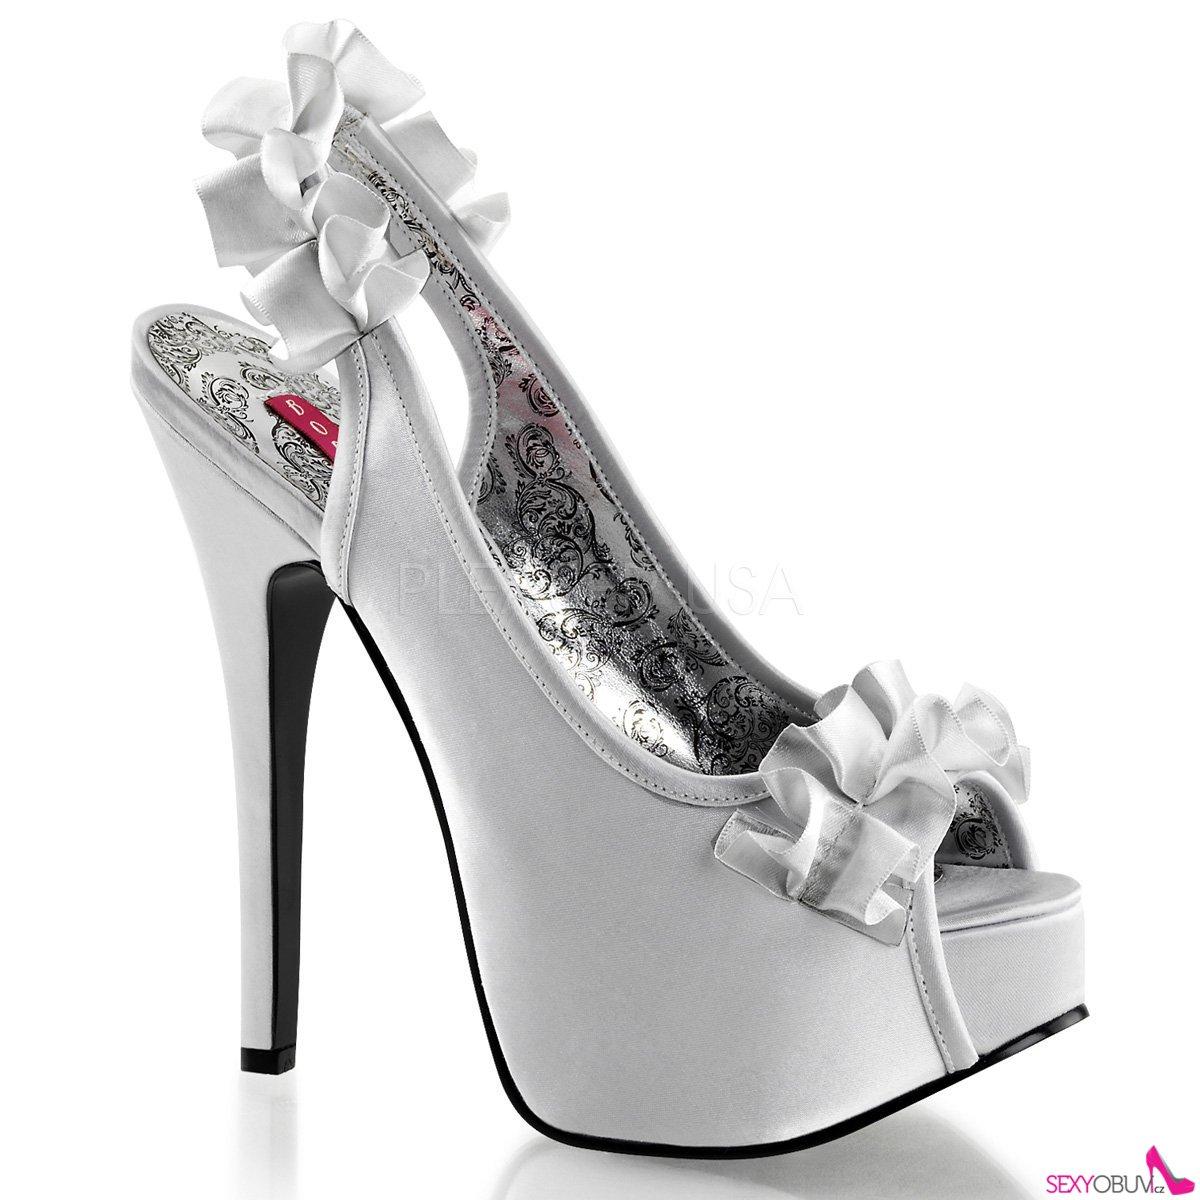 TEEZE-56 Elegantní stříbrné dámské lodičky na vysokém podpatku ... f52c67c3b6